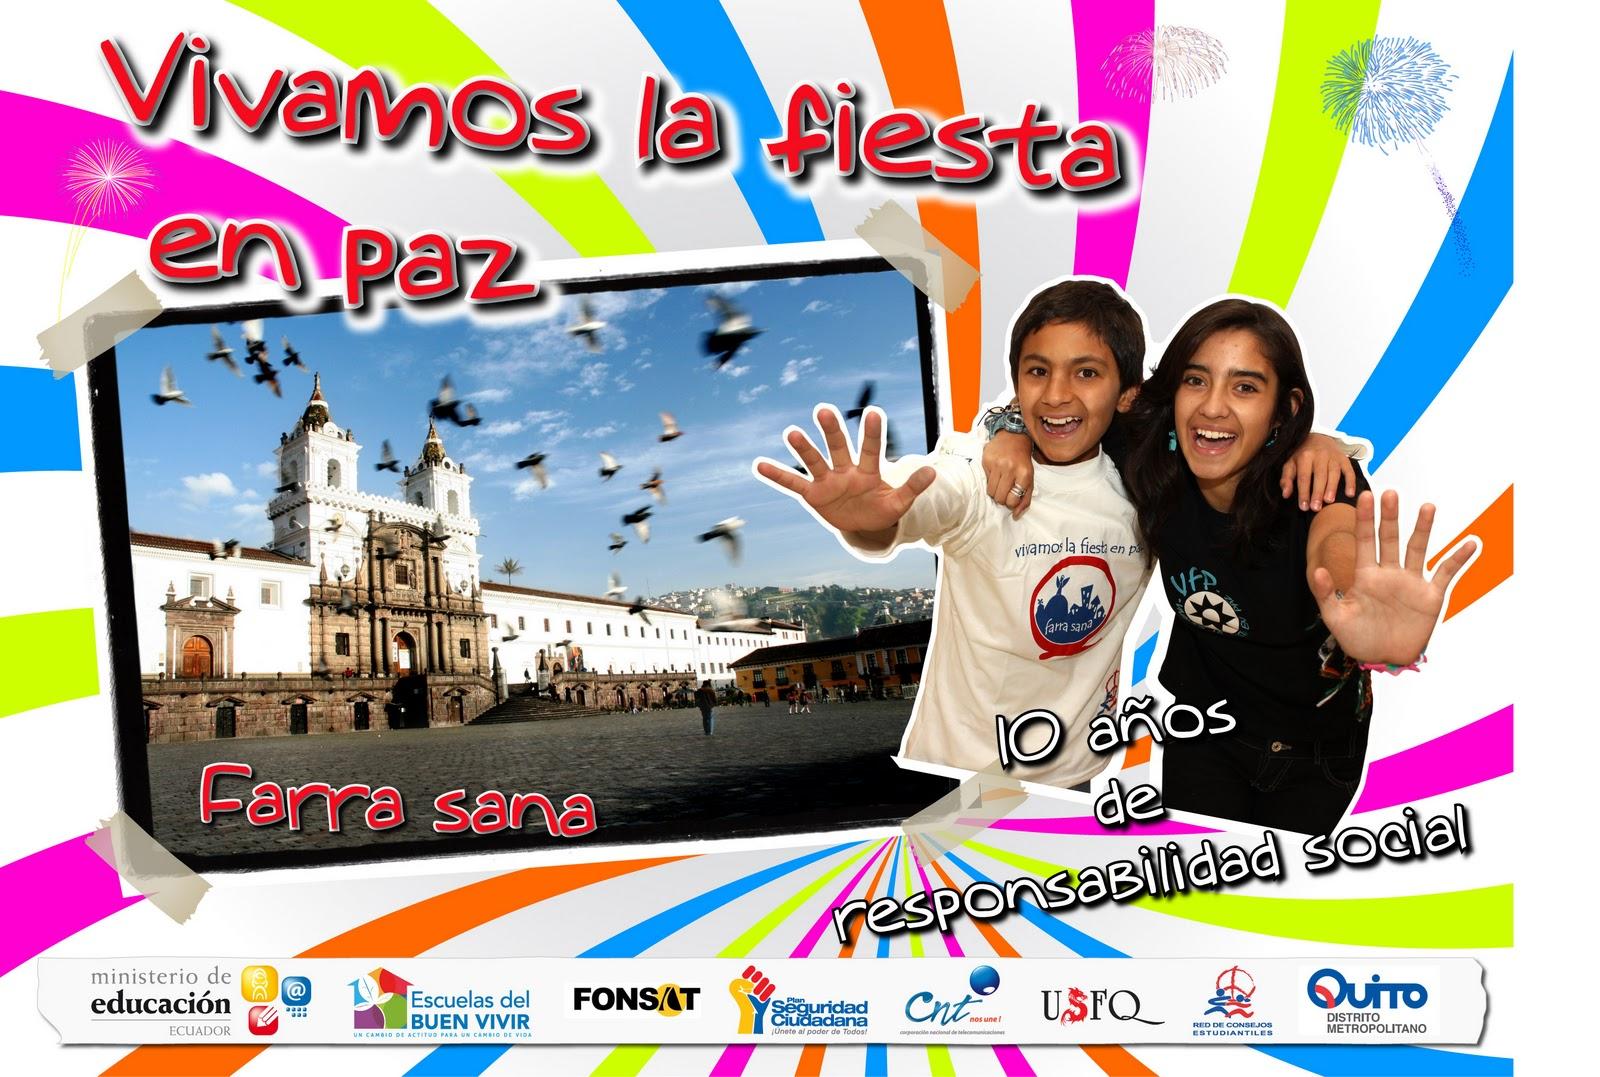 TRADICIONES  Ecuador Noticias  Noticias de Ecuador y del Mundo